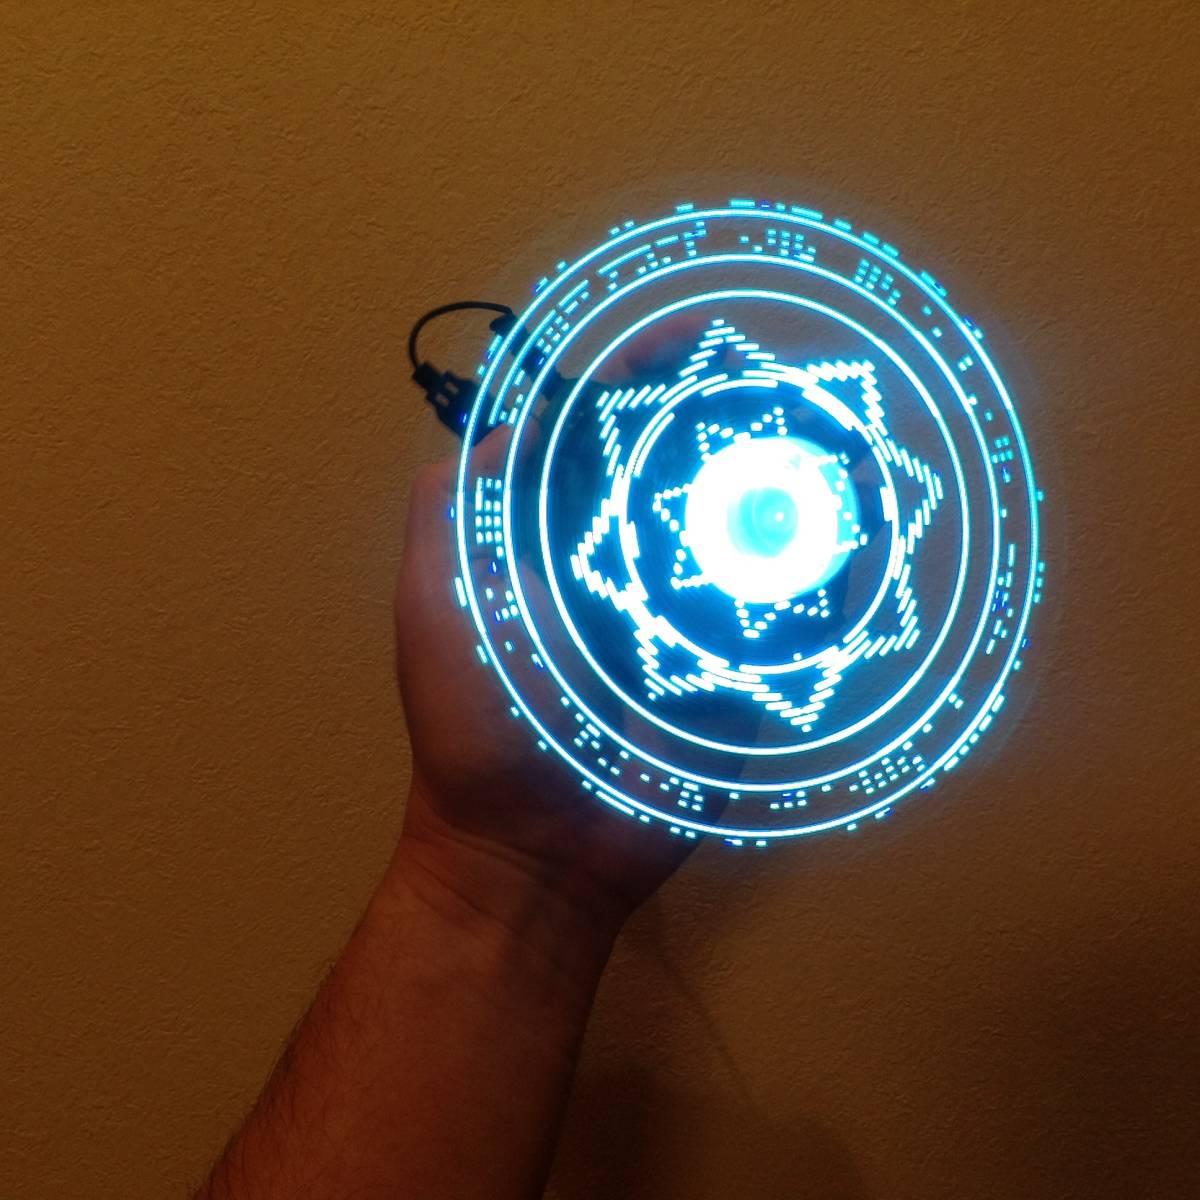 (限定)魔法陣を機械的に発現させる魔導装置 作製キット アベンジャーズ ドクターストレンジ バーサライタ アイアンマン_画像2